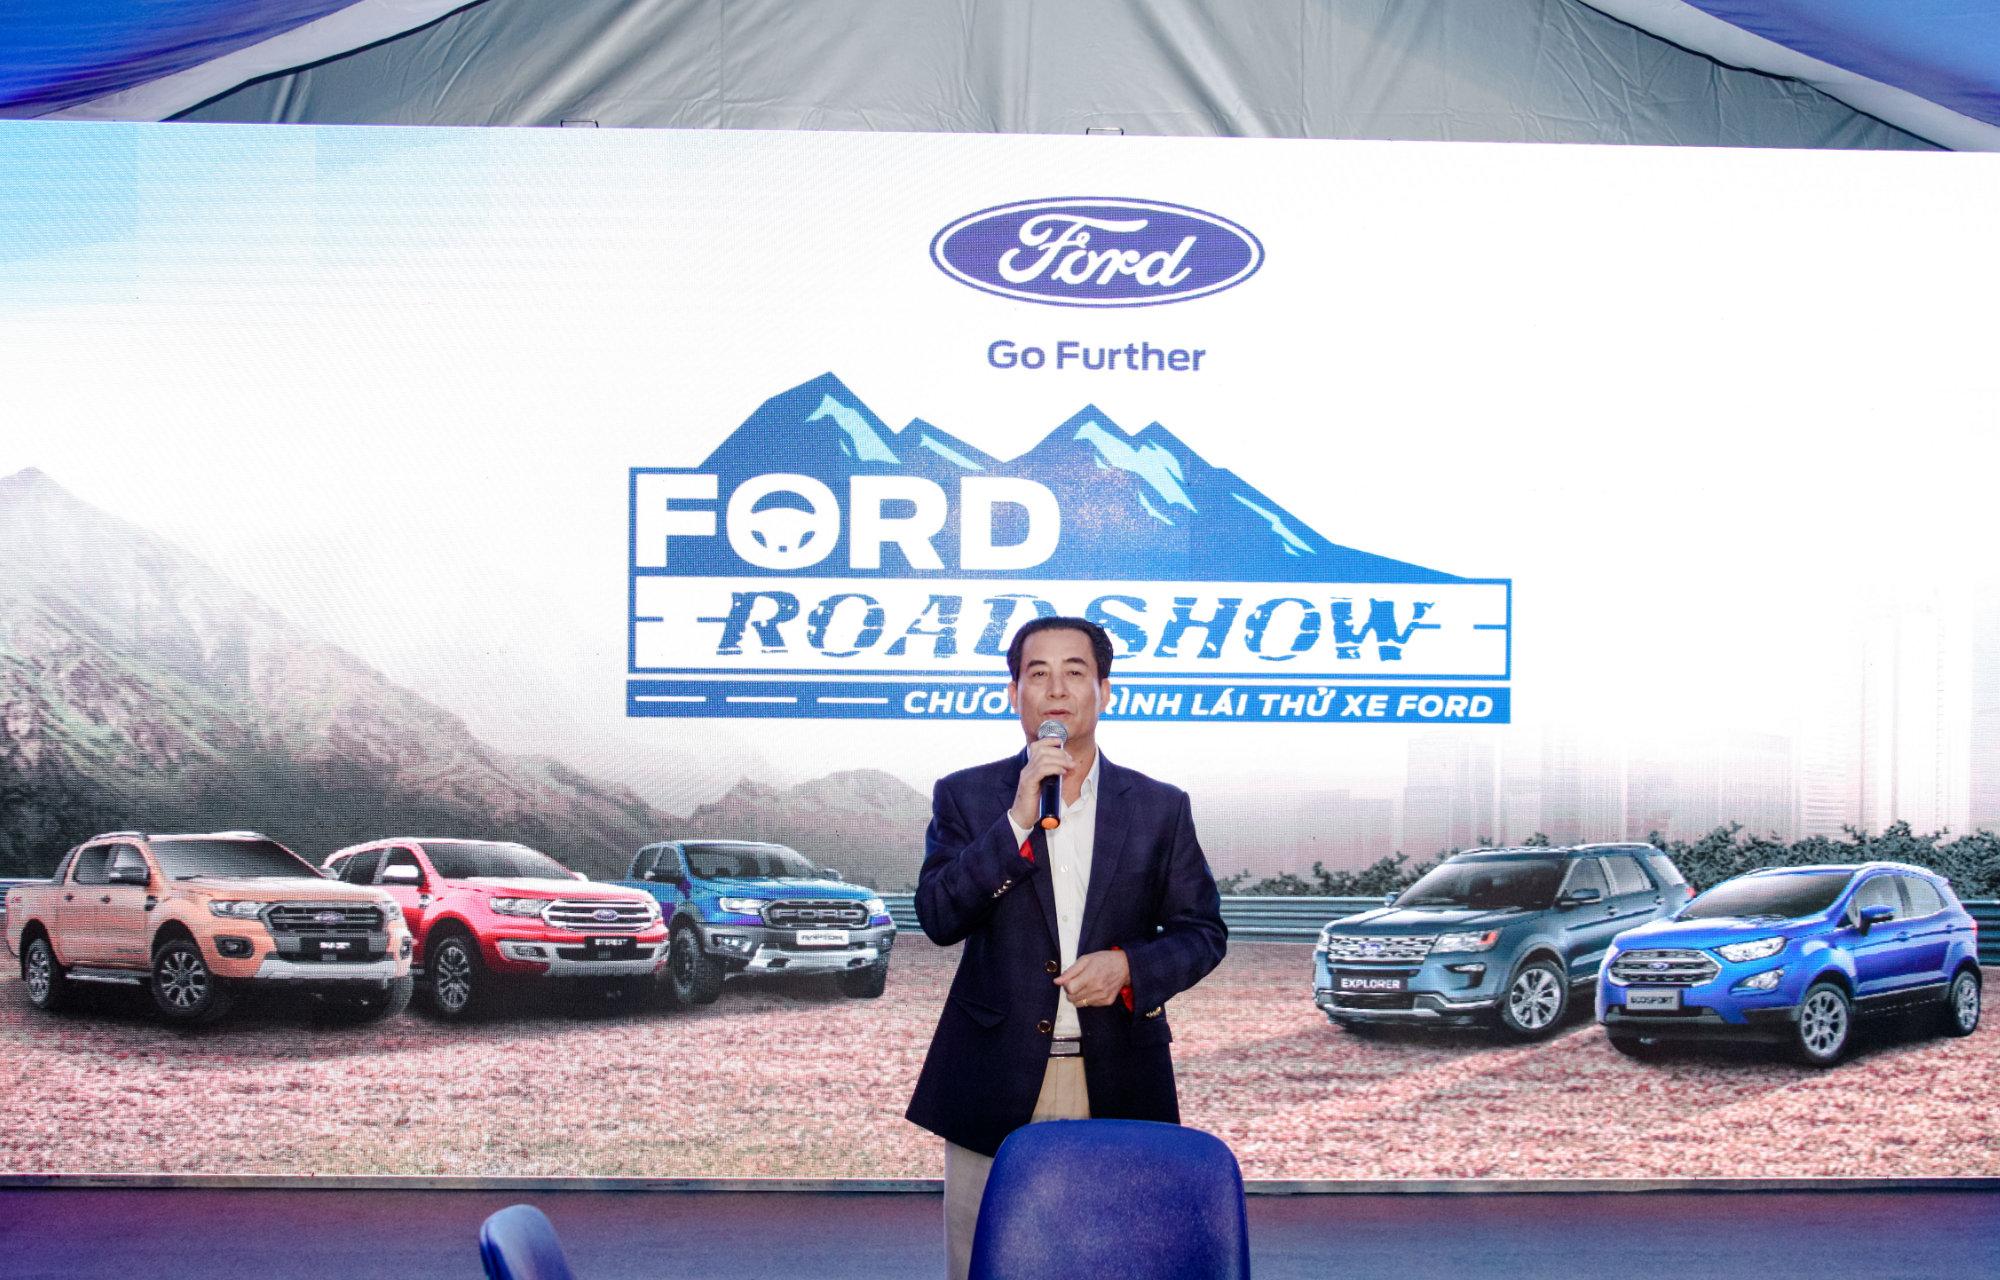 roadshow-daklak-ford